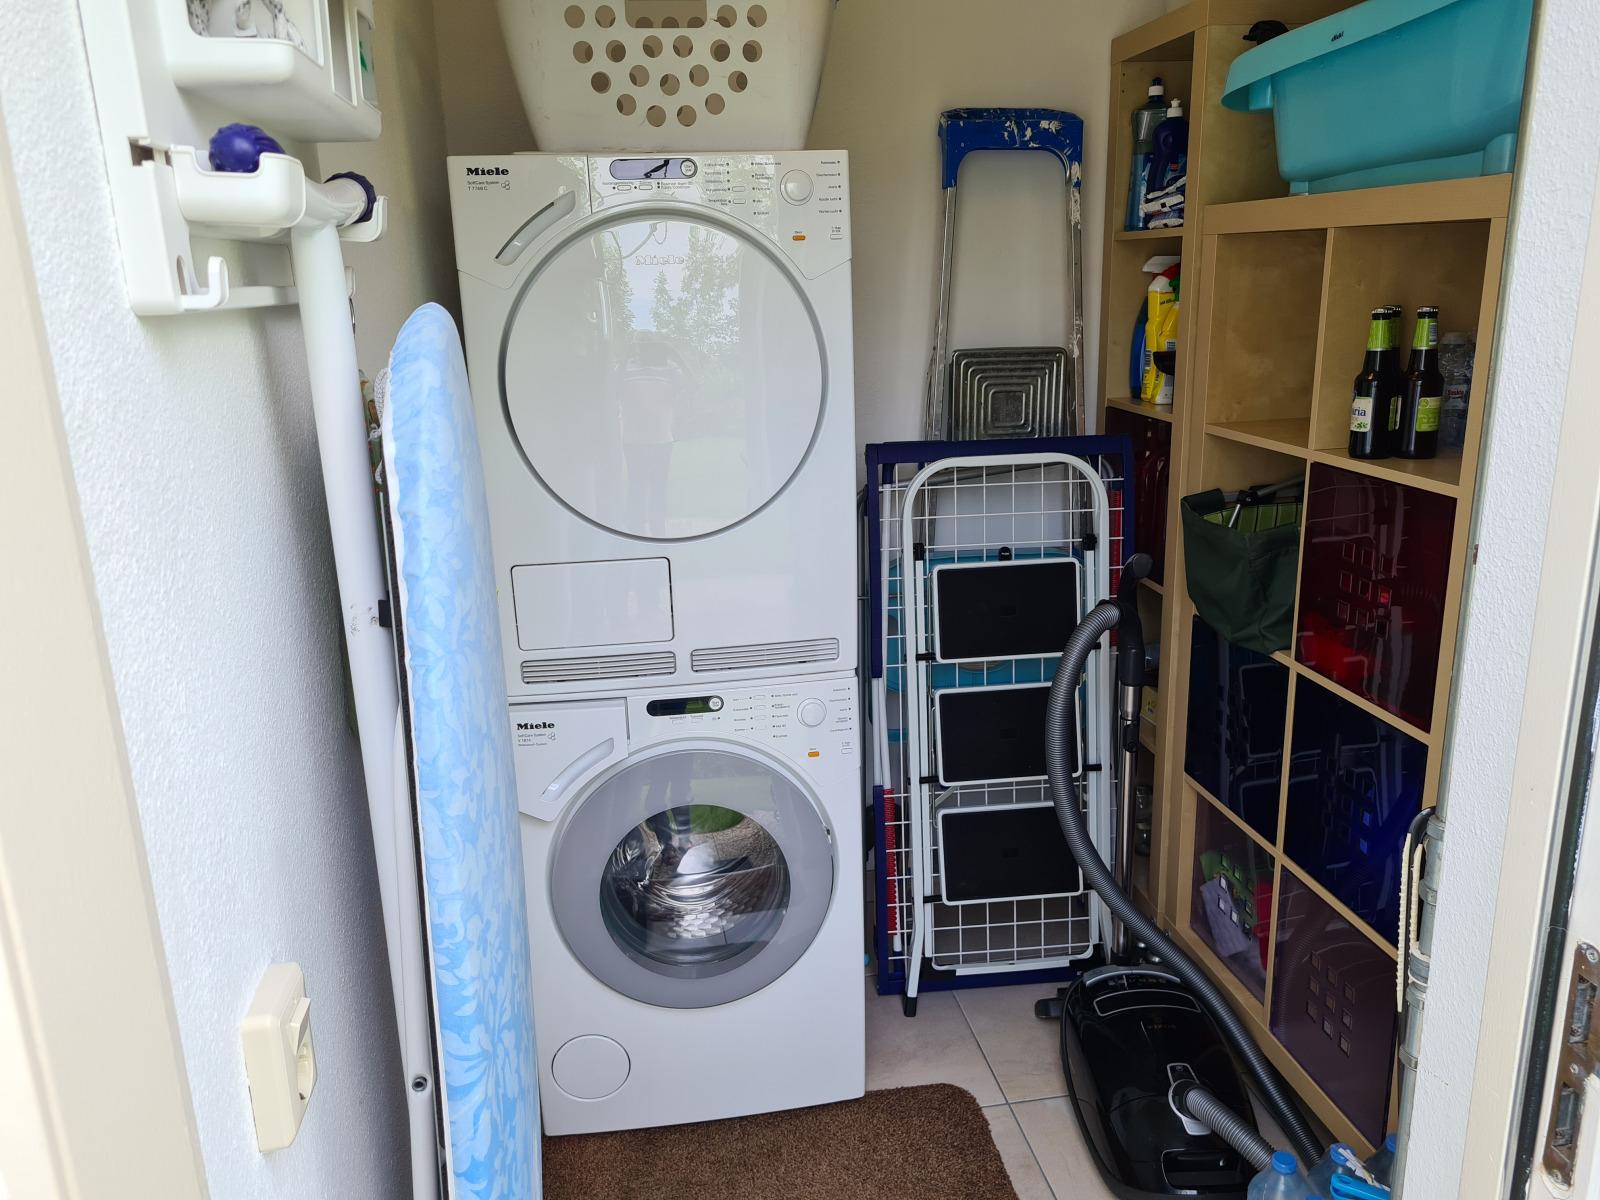 Die Abstellkammer mit den Miele-Waschgeräten